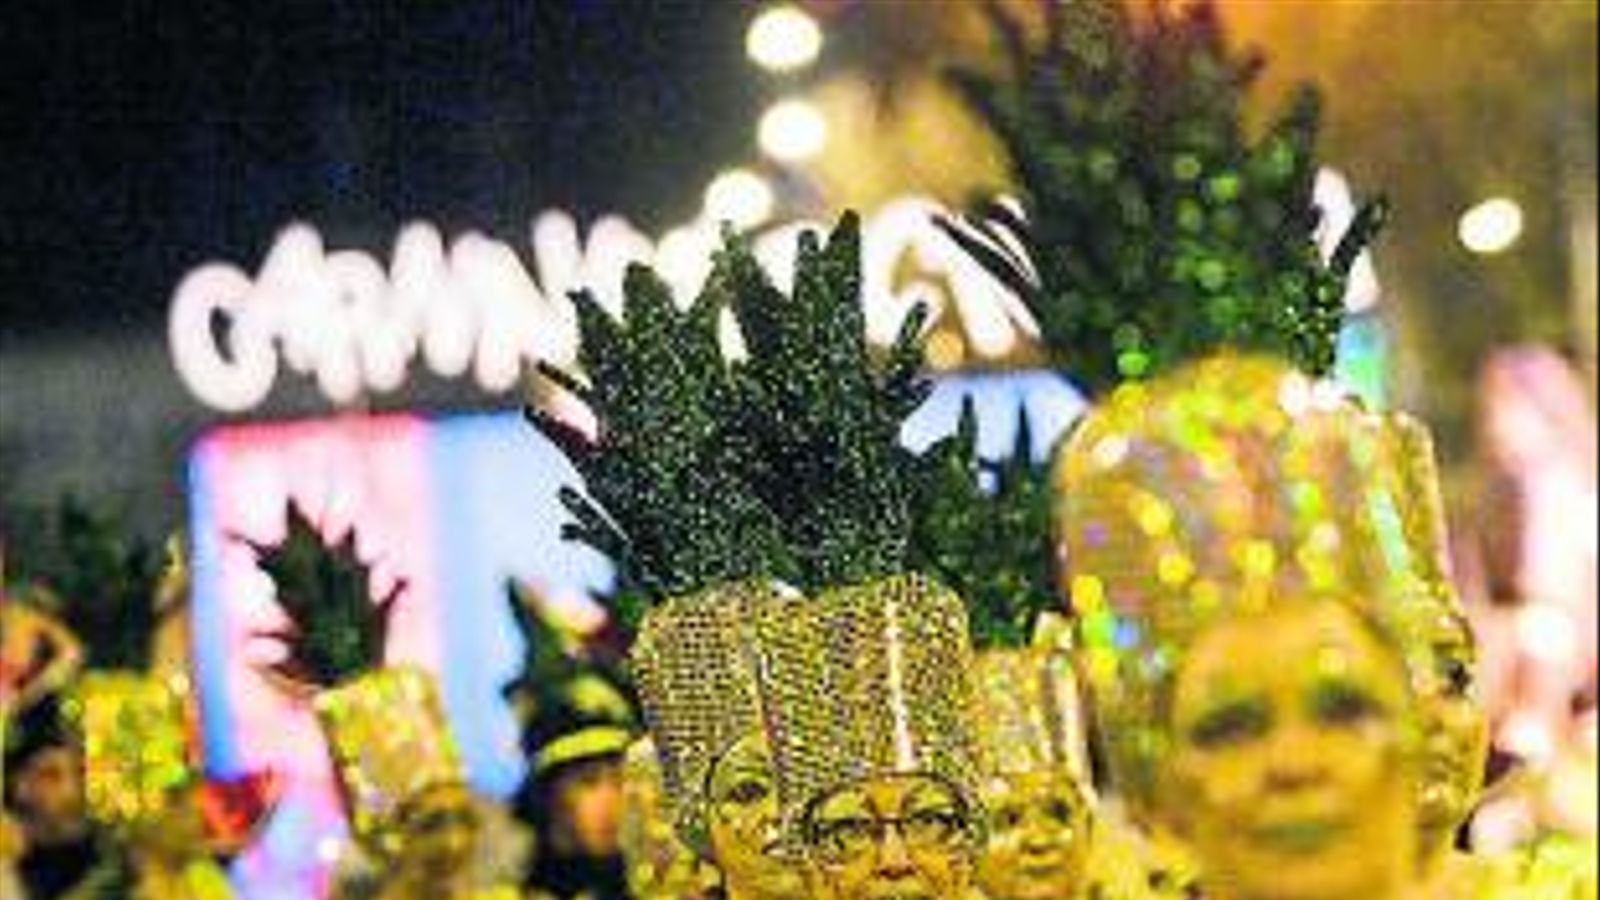 Barcelona recupera l'esperit tradicional  Del Carnaval